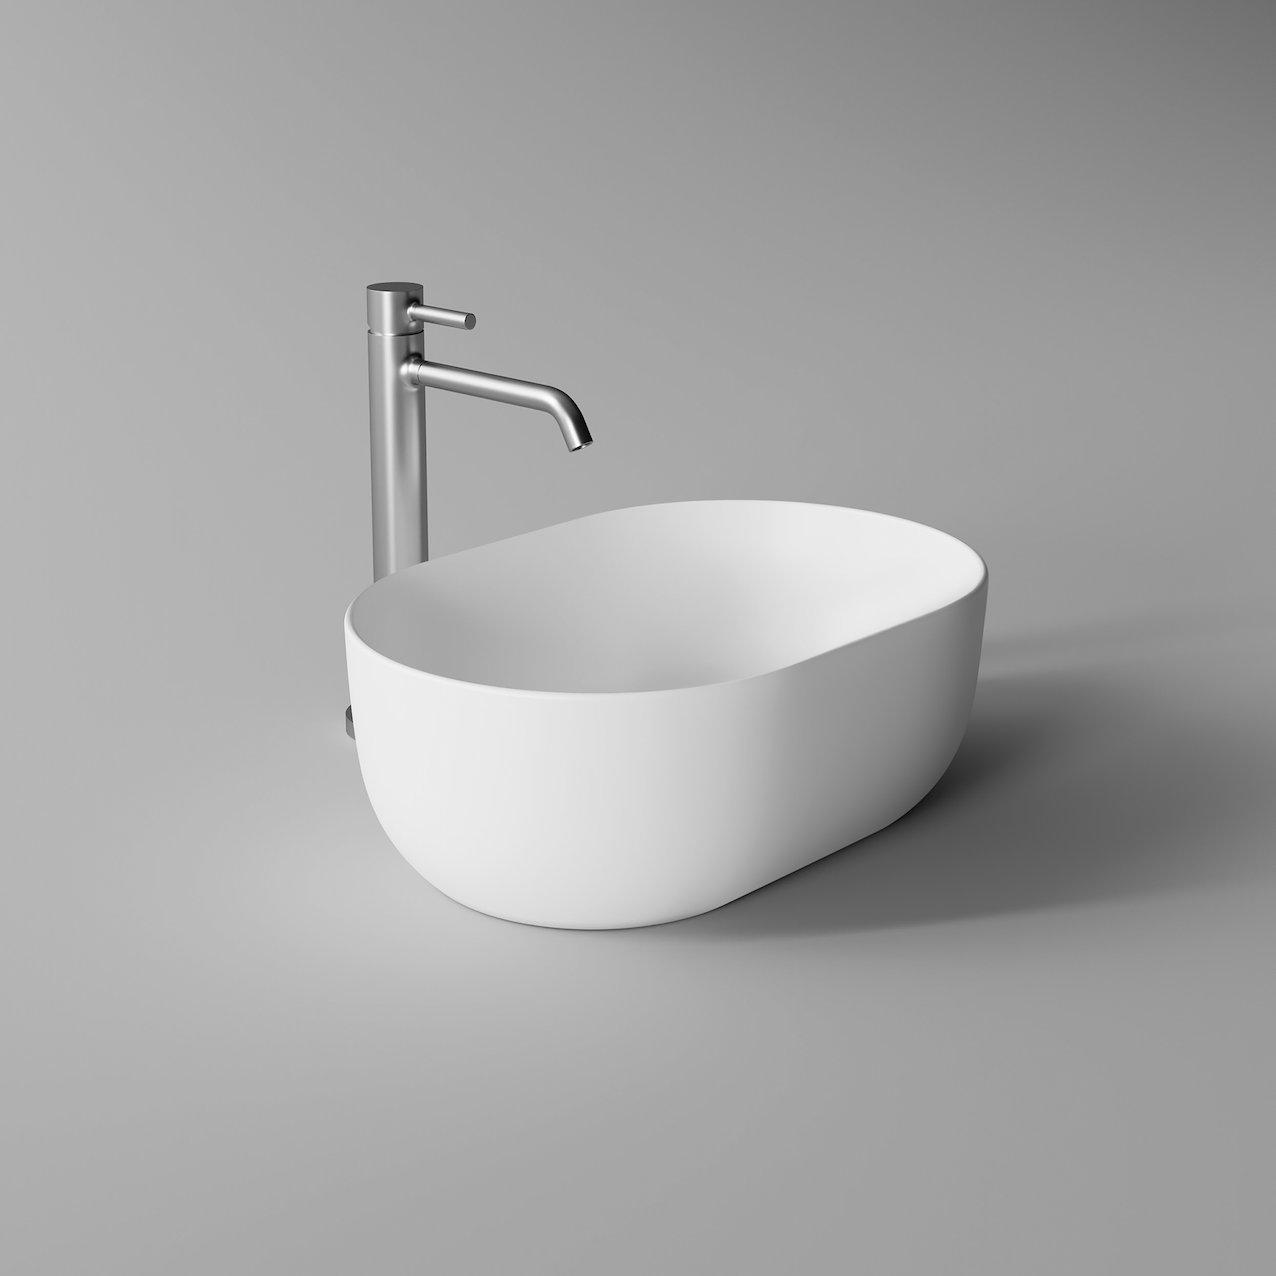 Lavabo UNICA ovale 45